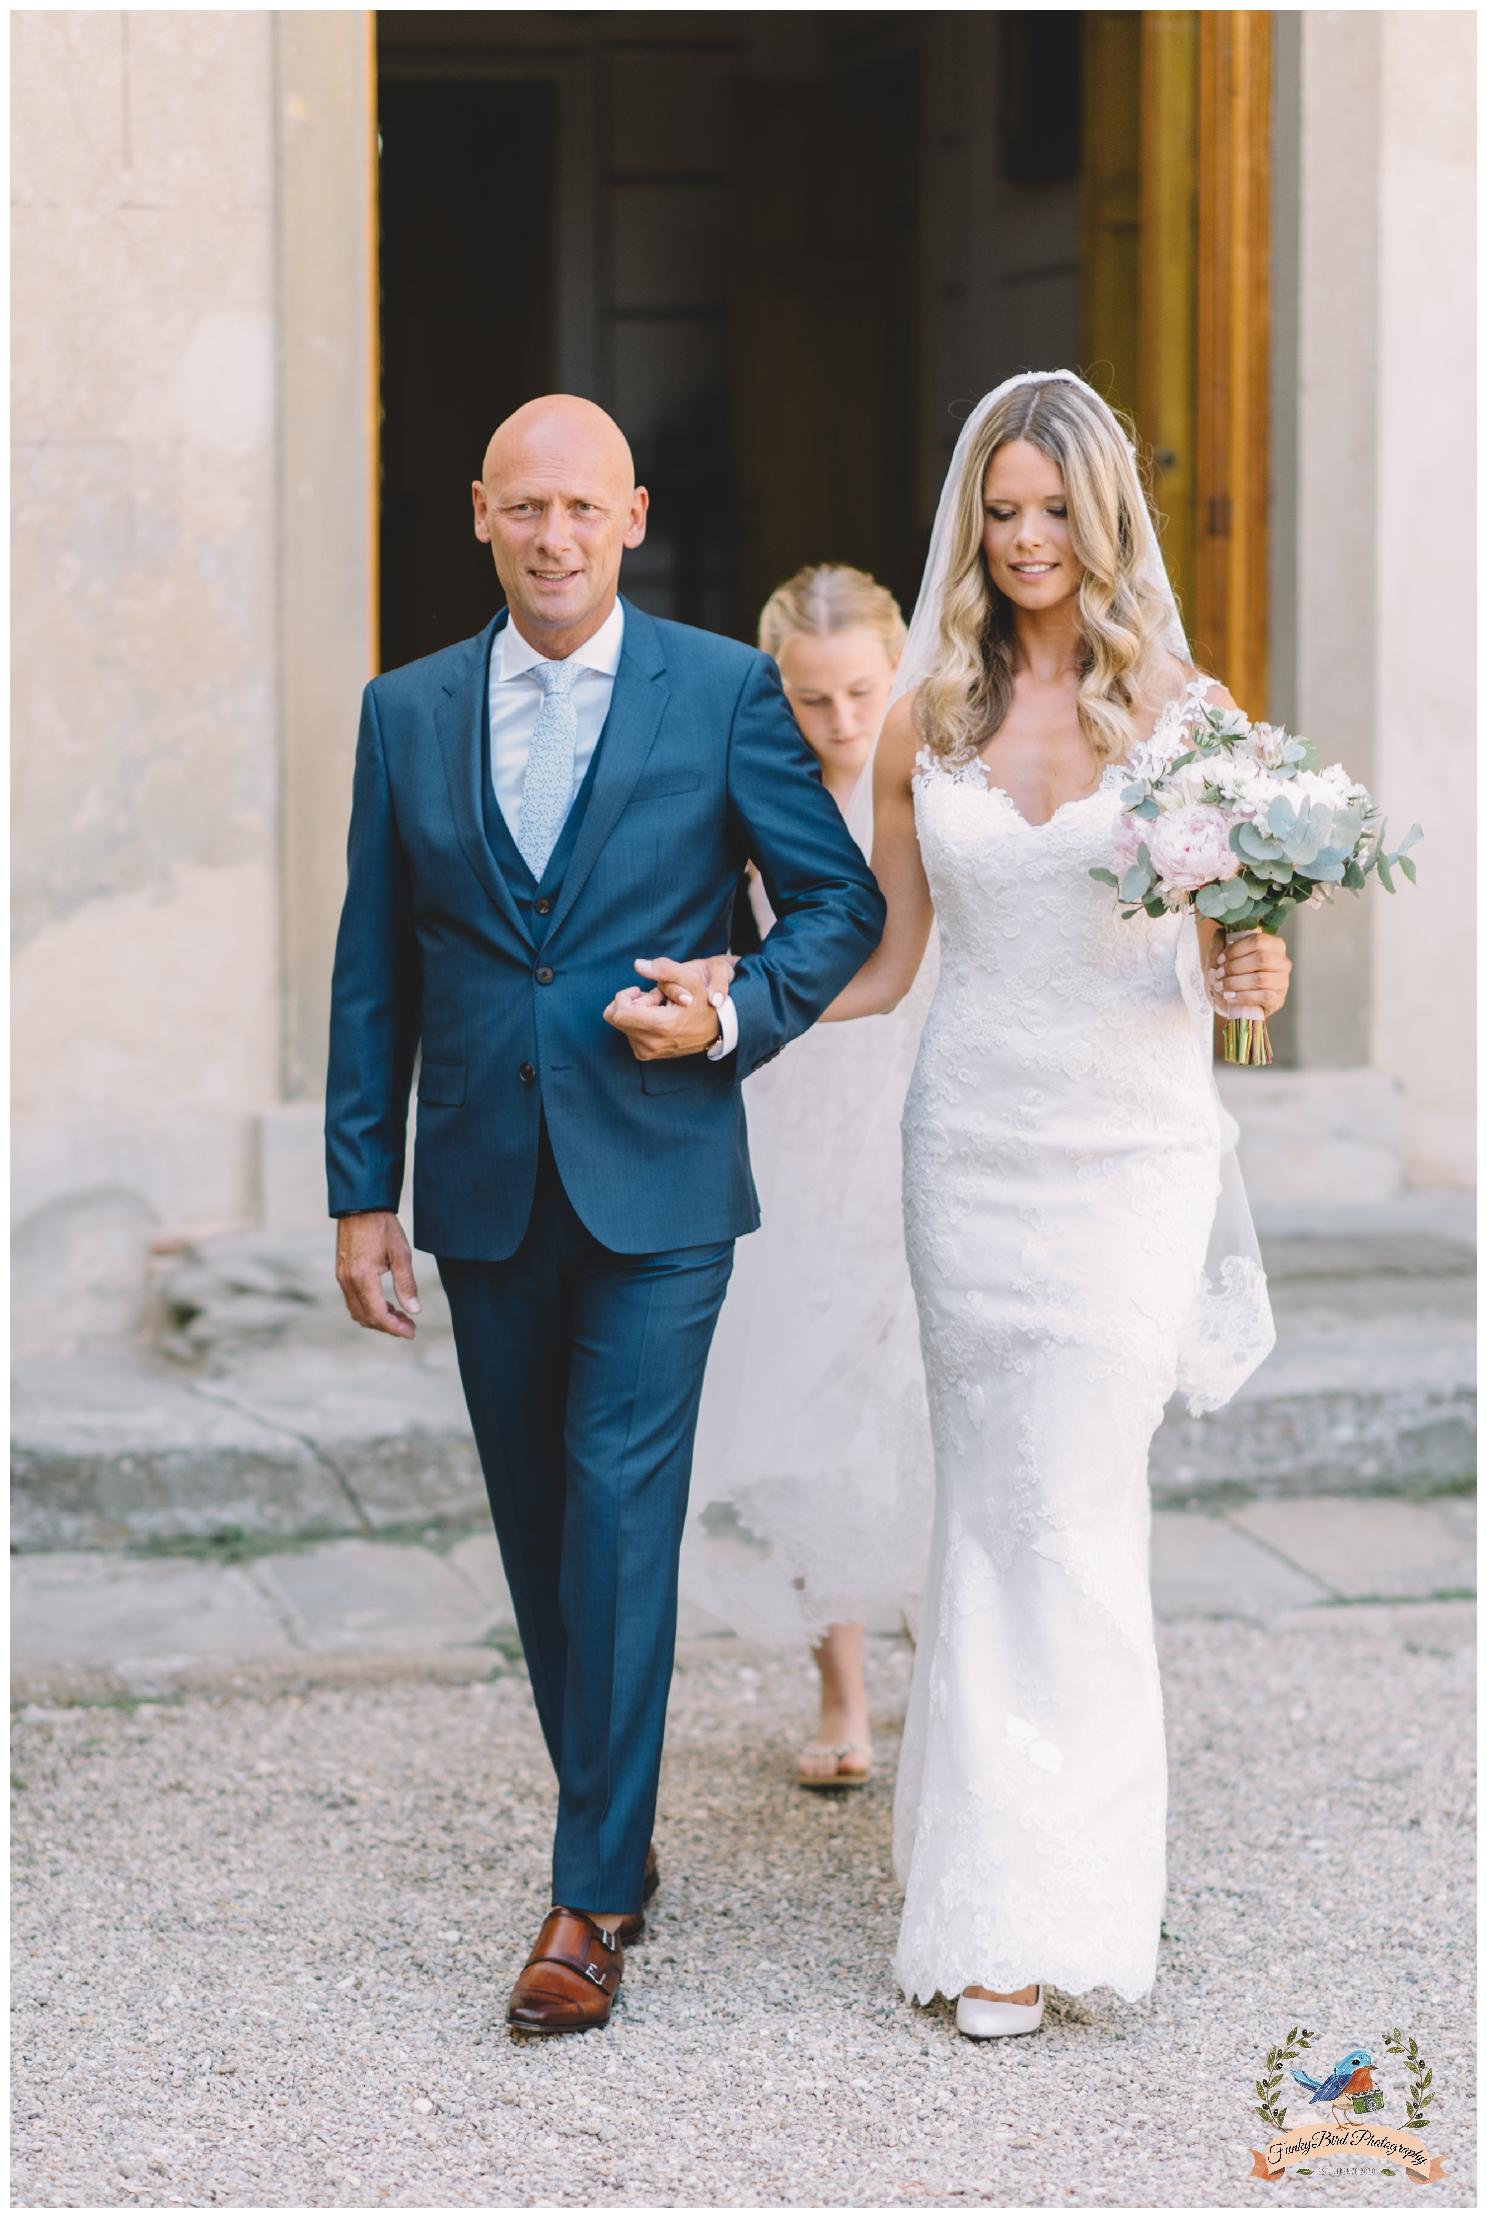 Wedding_Photographer_Tuscany_Florence_Italy_23.jpg